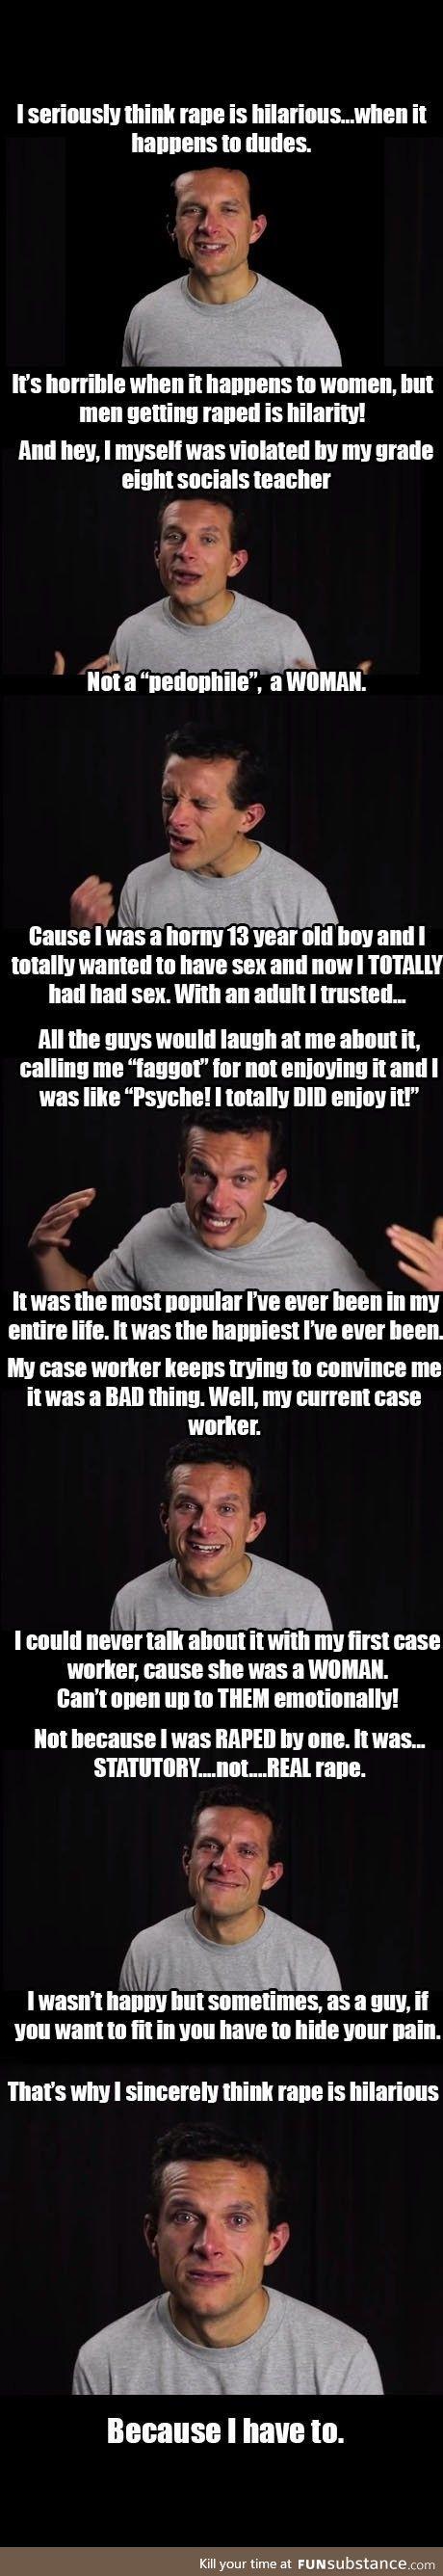 Rape is hilarious